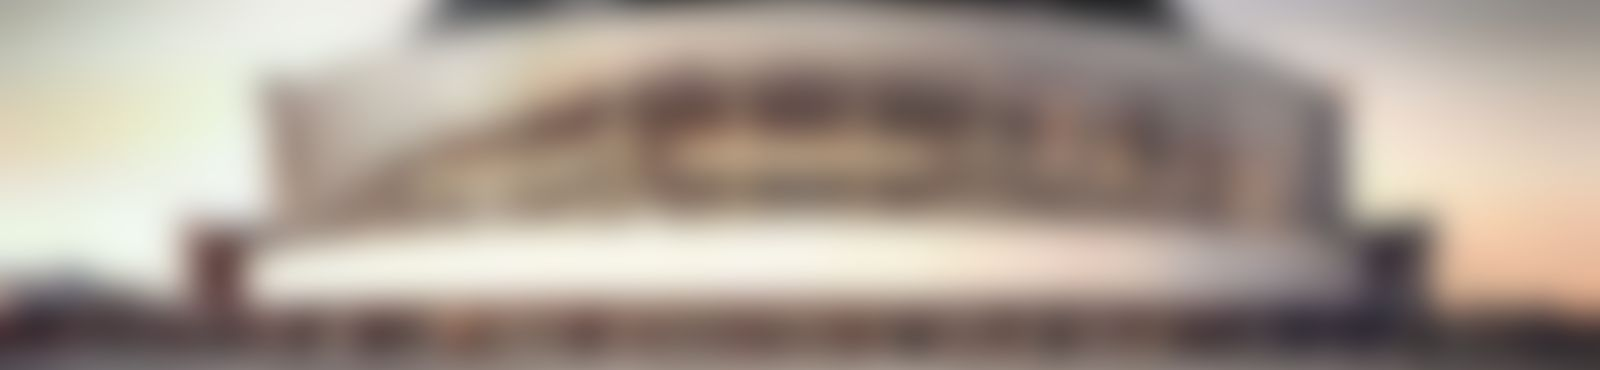 Blurred 11709550 10152957465255950 1468101331835313571 n